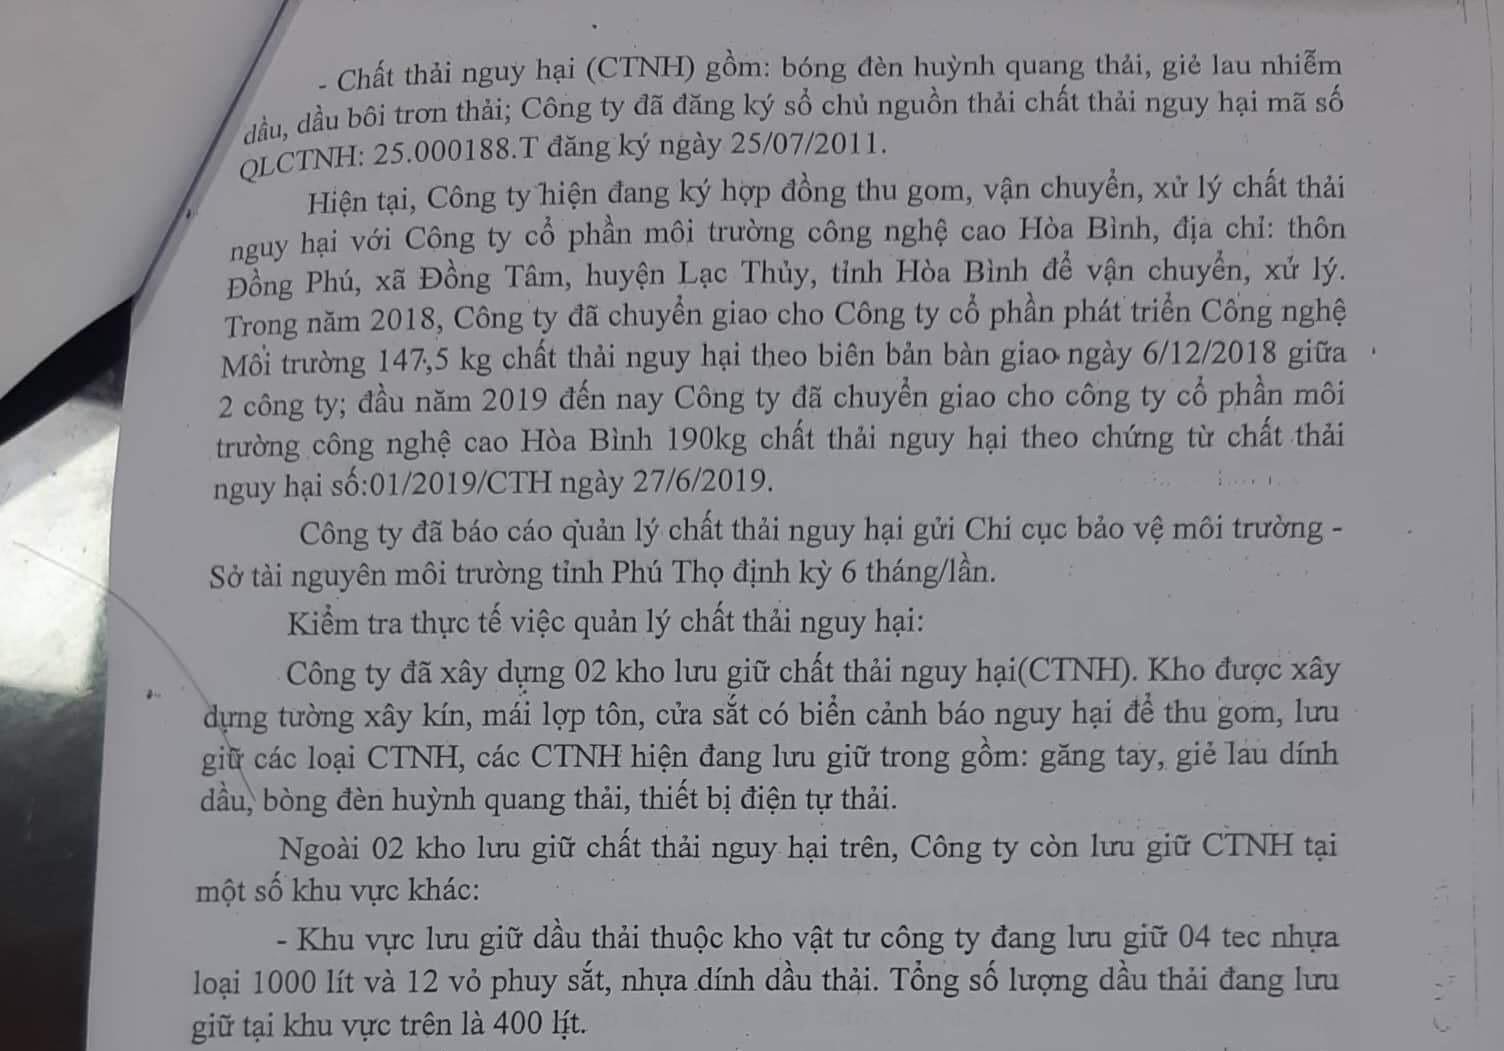 Vụ nước sông Đà bị 'đầu độc': Cty gốm sứ Thanh Hà khai báo gian dối? Ảnh 3